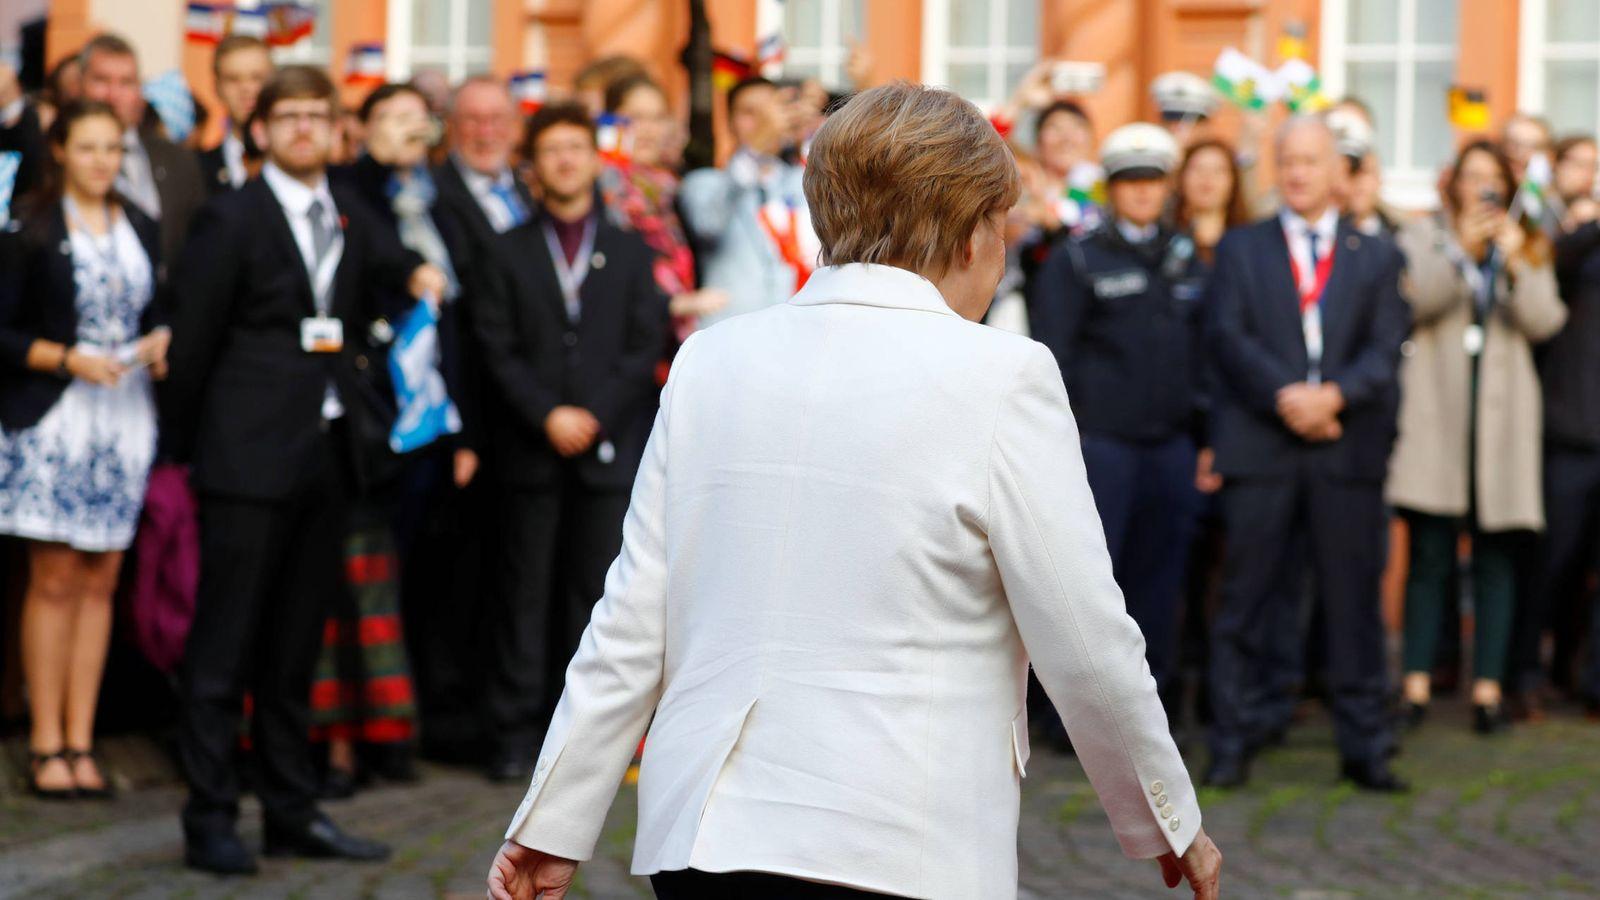 Foto: La canciller Angela Merkel a su llegada a las celebraciones por el Día de la Unificación Alemana, en Mainz, el 3 de octubre de 2017. (Reuters)